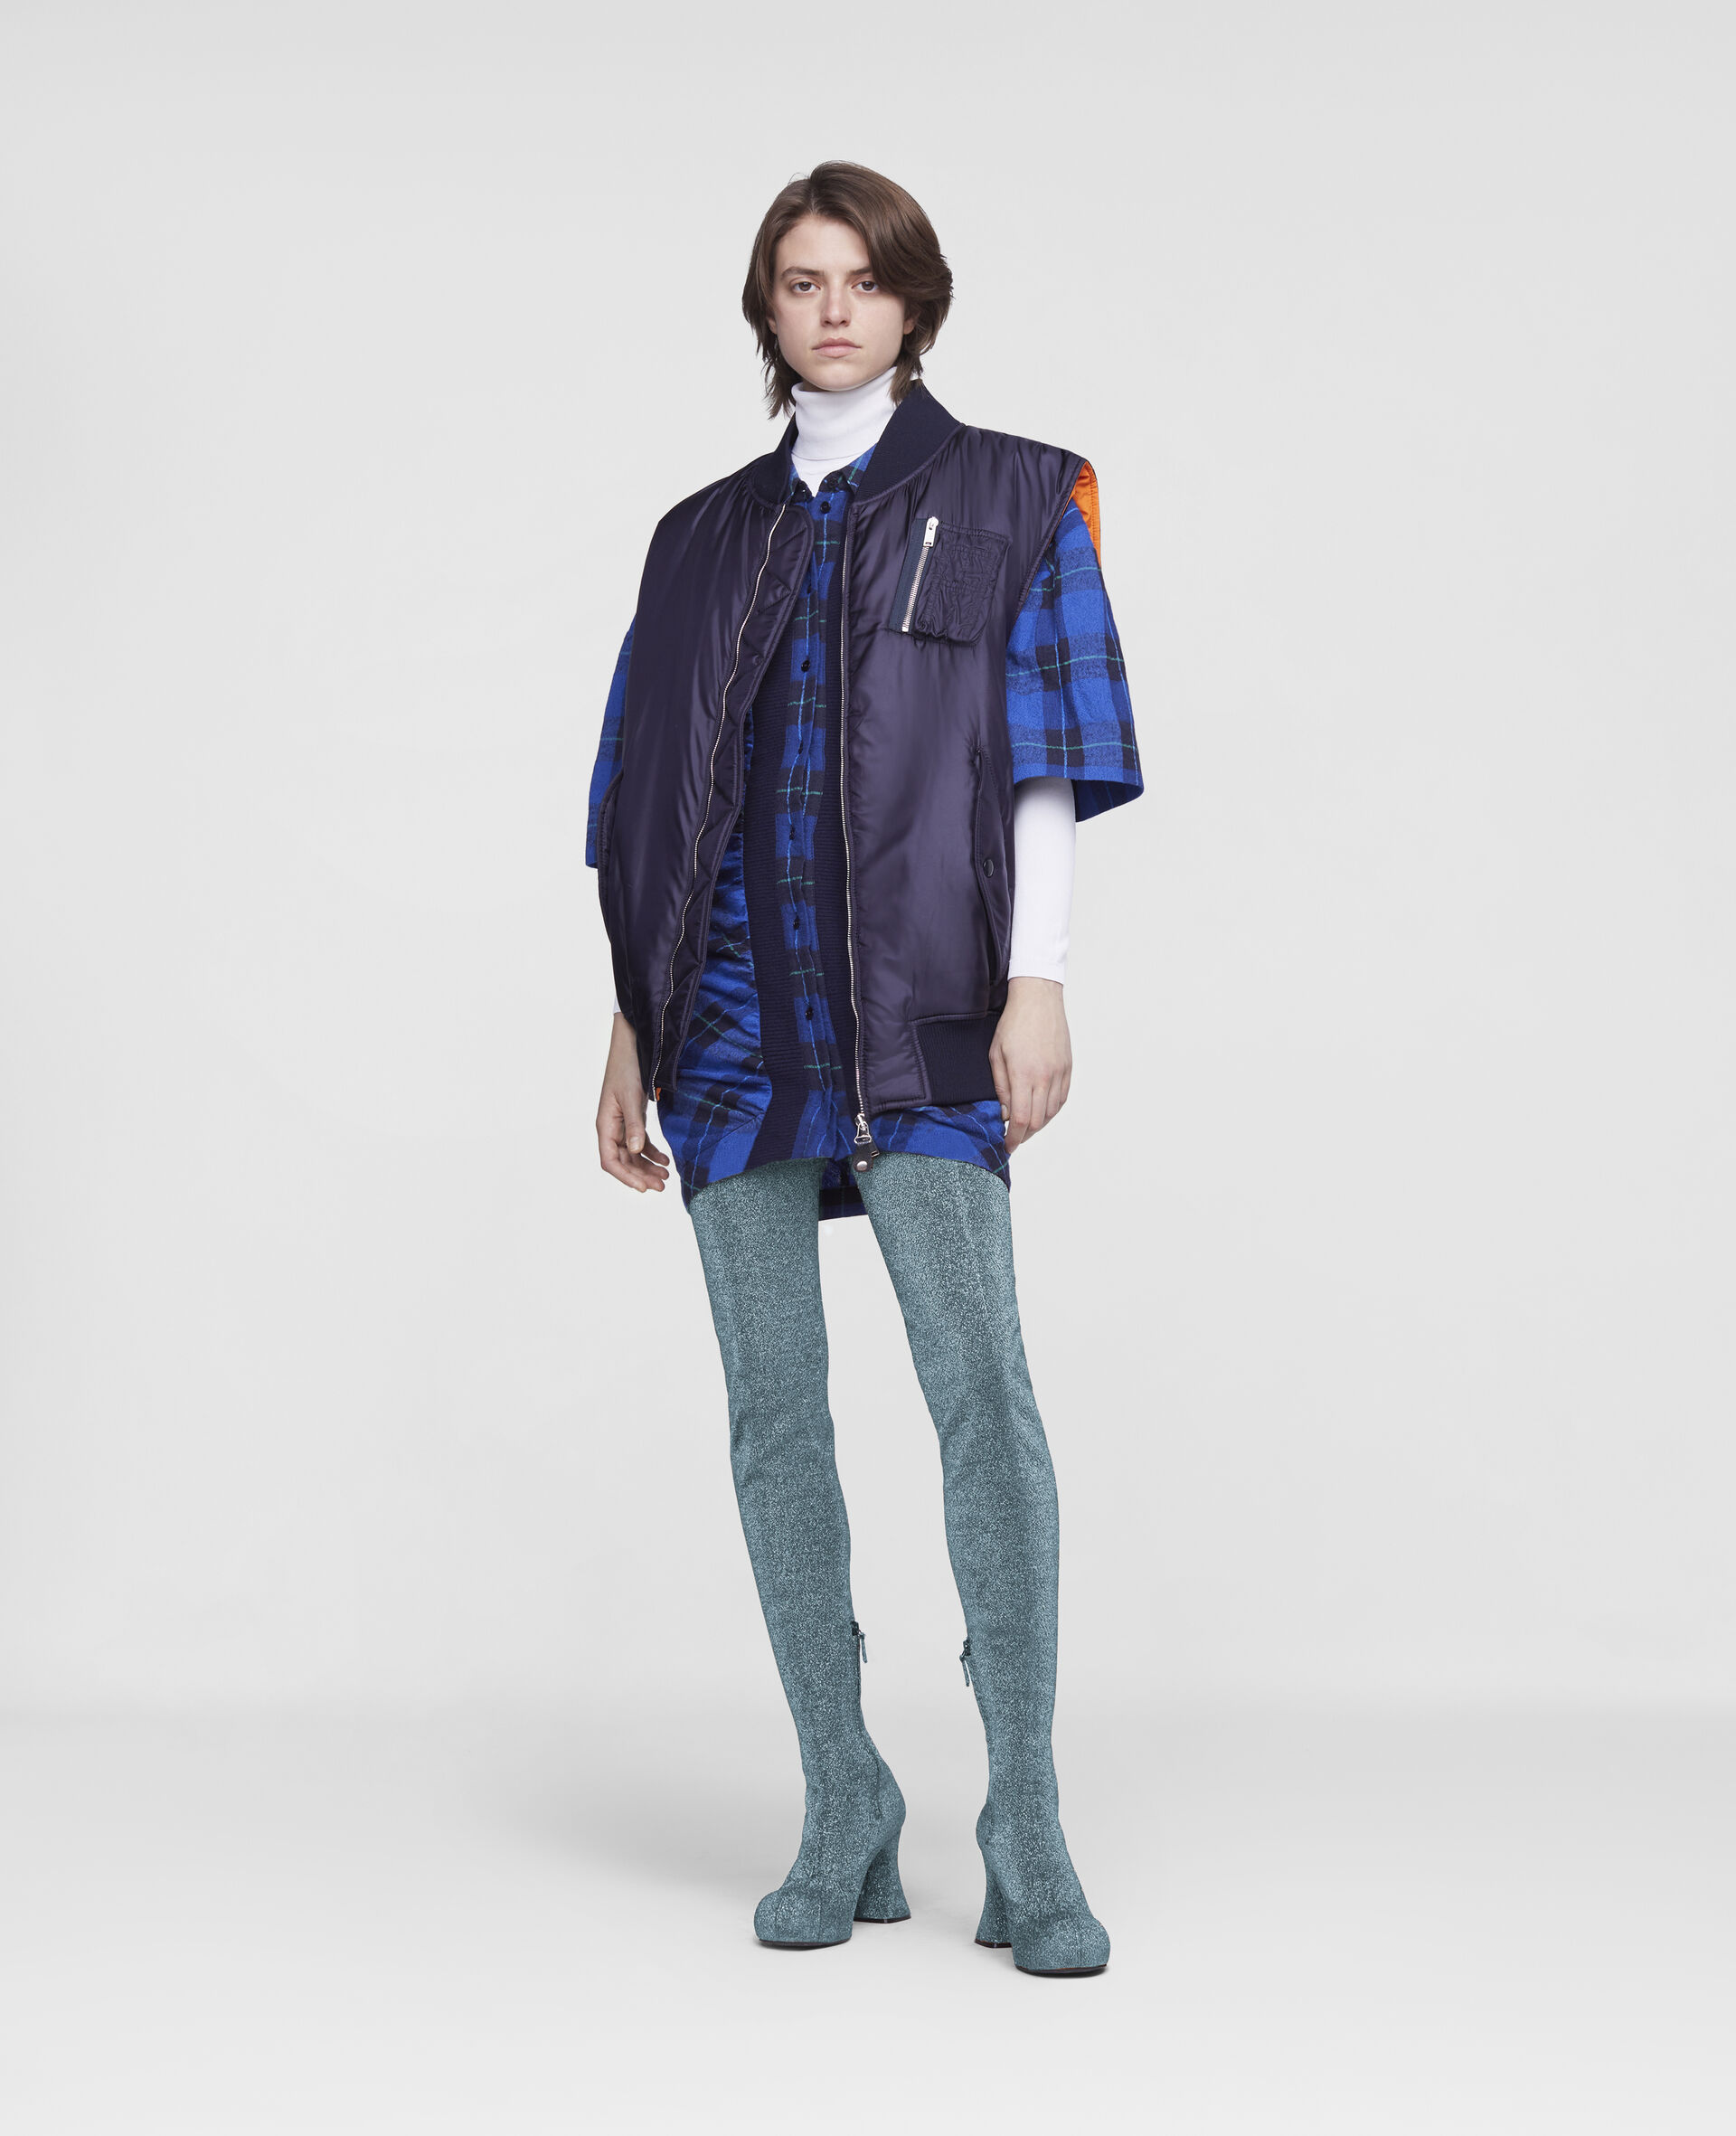 Madora Sleeveless Jacket-Blue-large image number 1